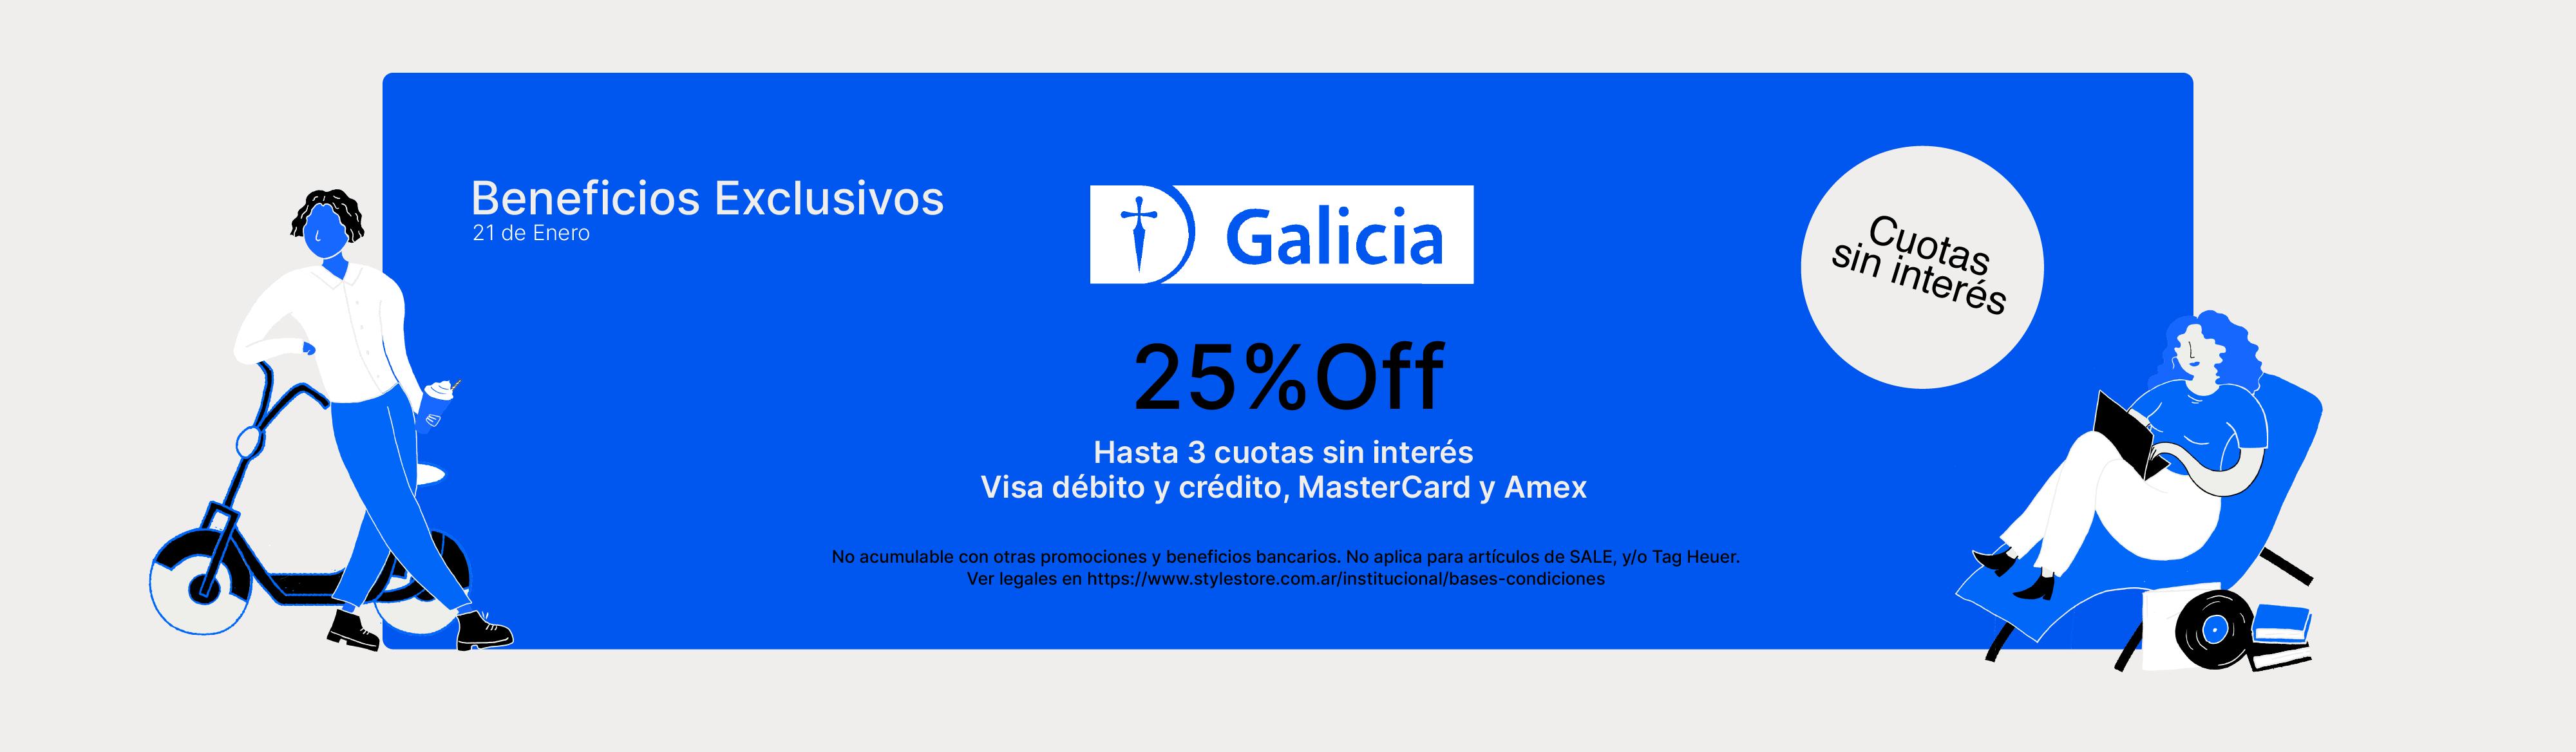 Beneficios bancarios en Style Store. Galicia